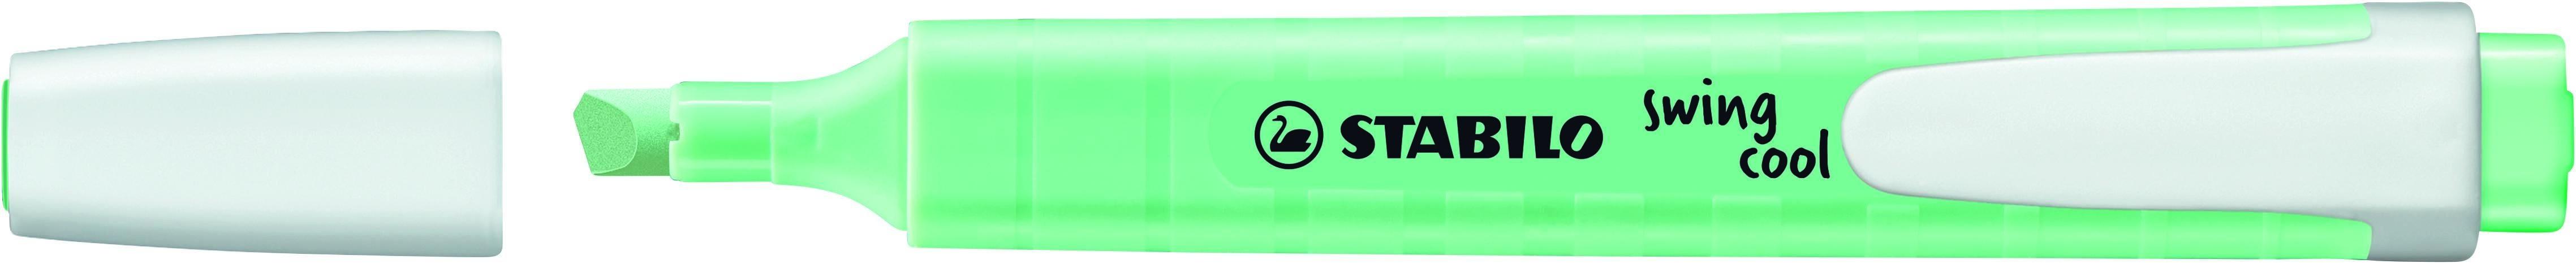 STABILO swing cool Pastel - Surligneur - menthe à l'eau